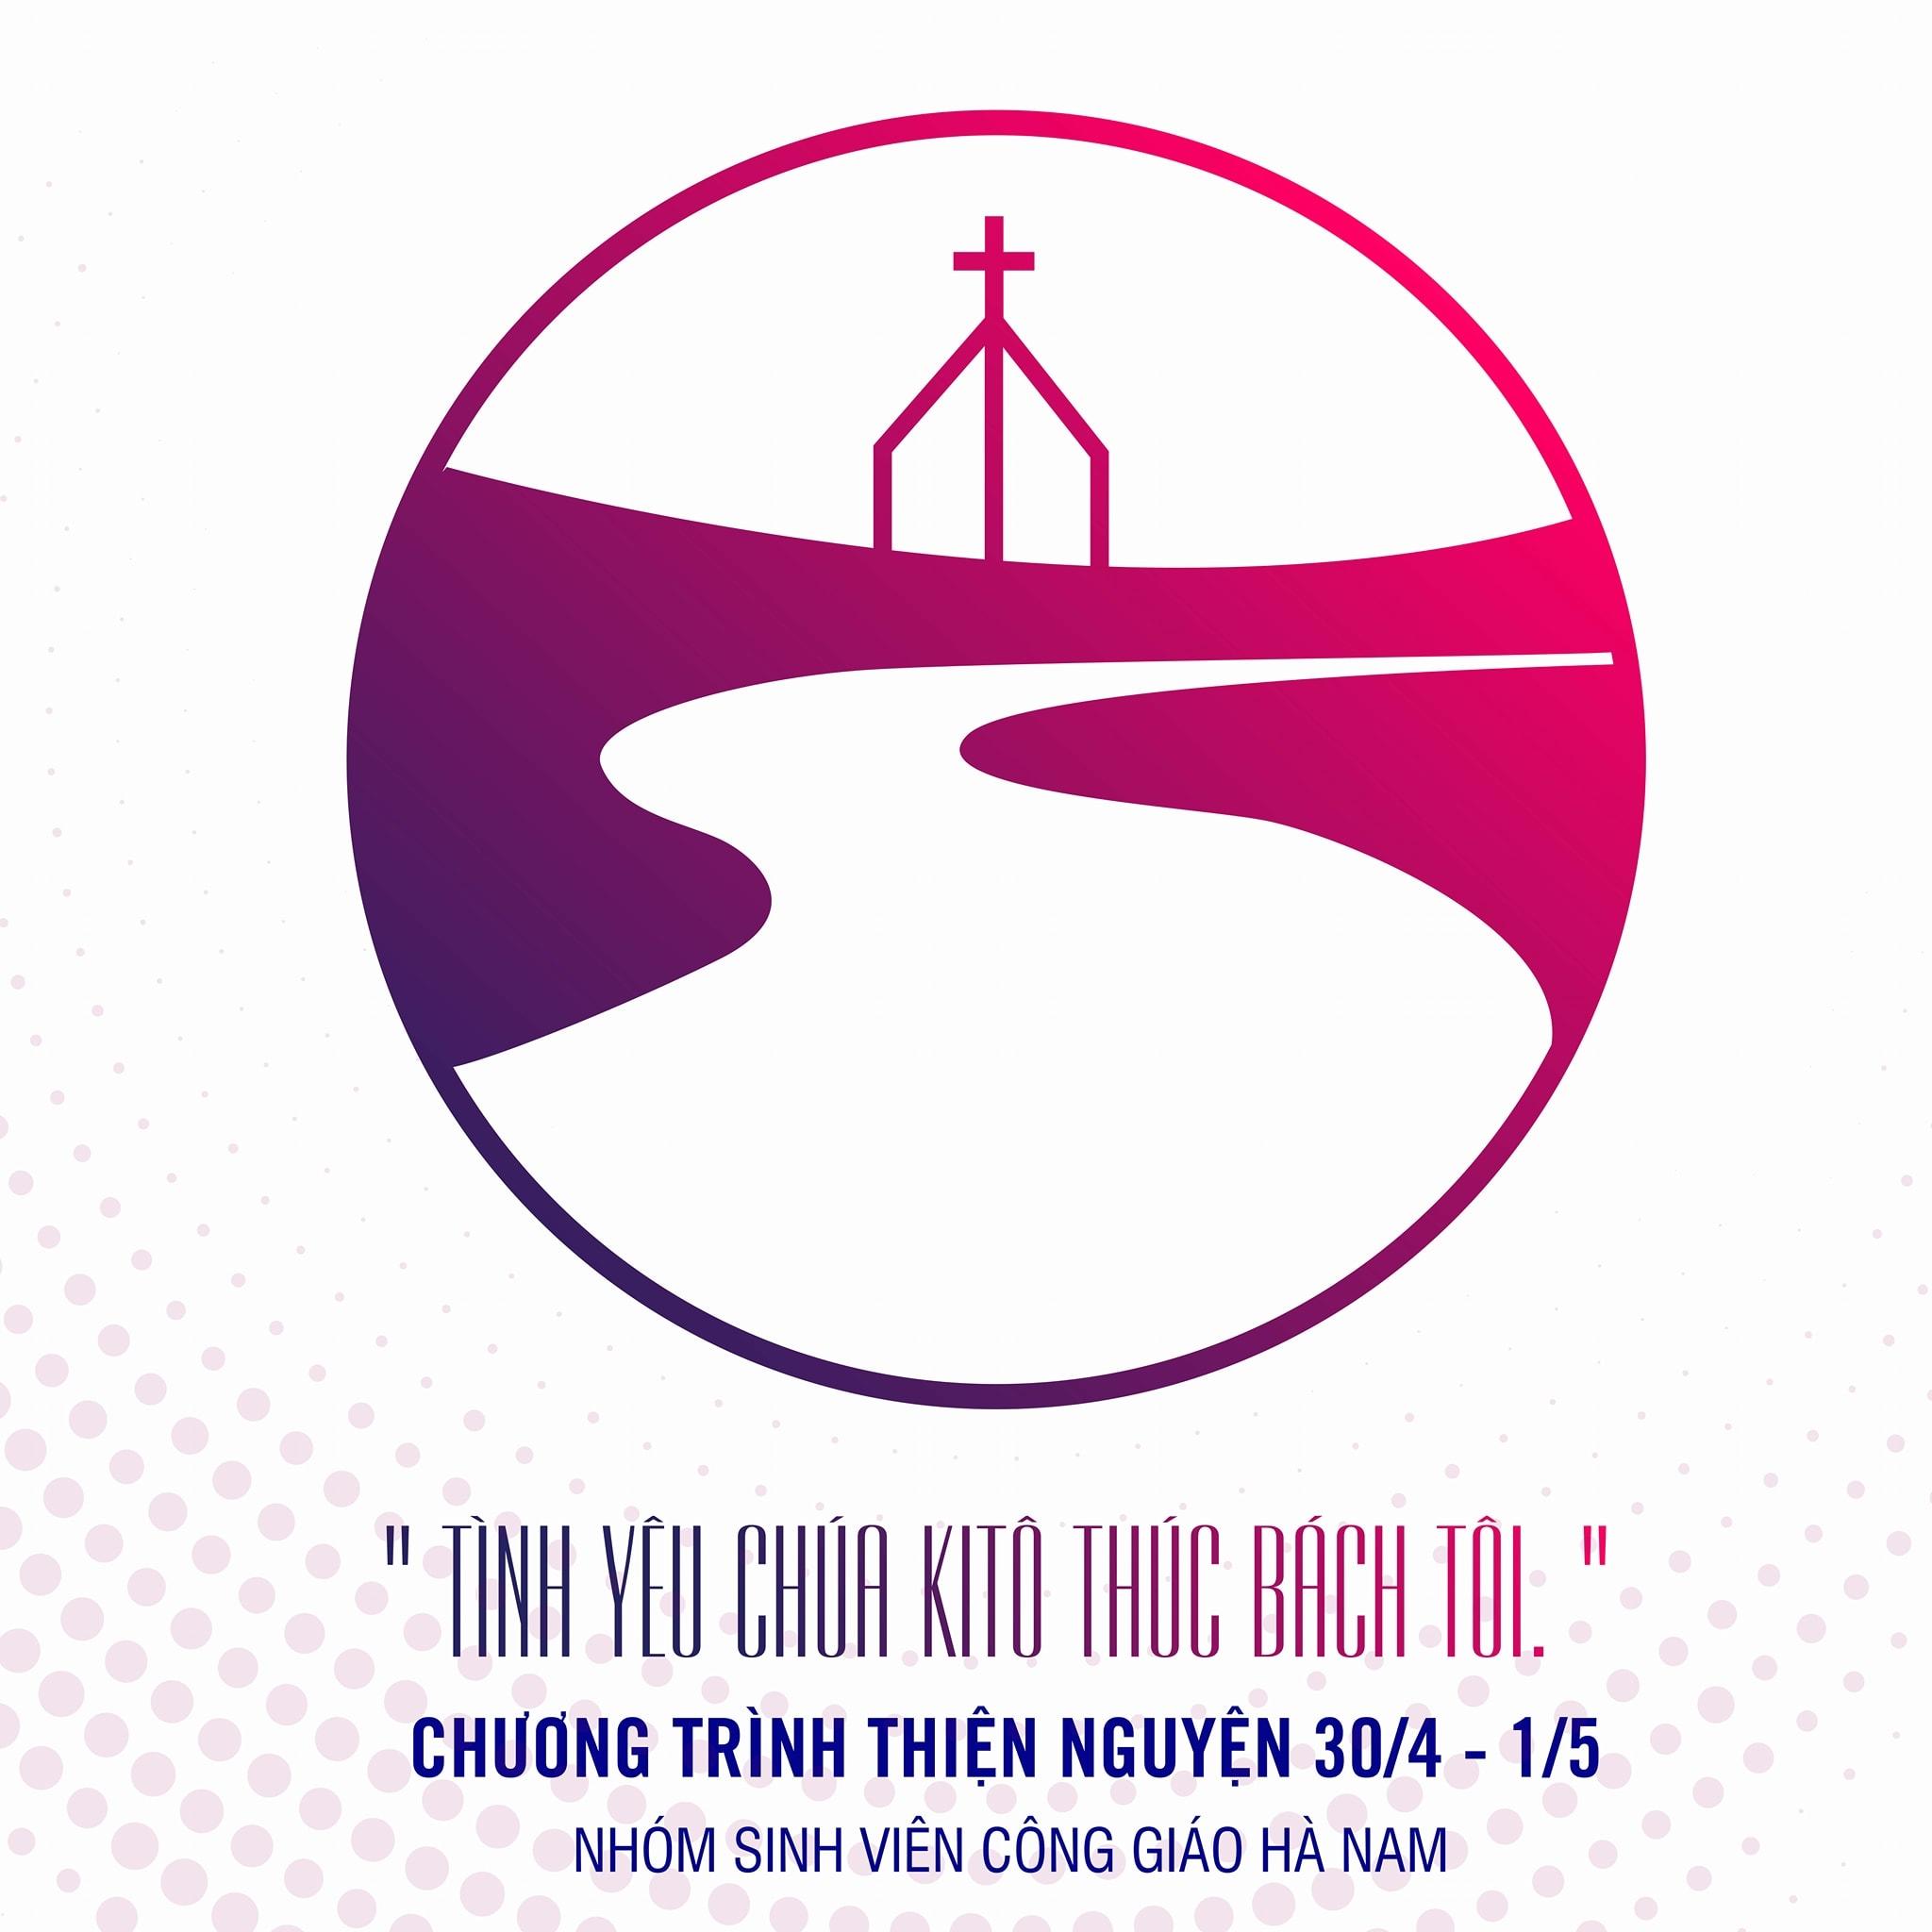 """Chương trình Thiện nguyện 2018 của Nhóm SVCG Hà Nam: """"Tình Yêu Đức Kitô Thúc Bách Tôi"""" (2cr 5, 14)"""